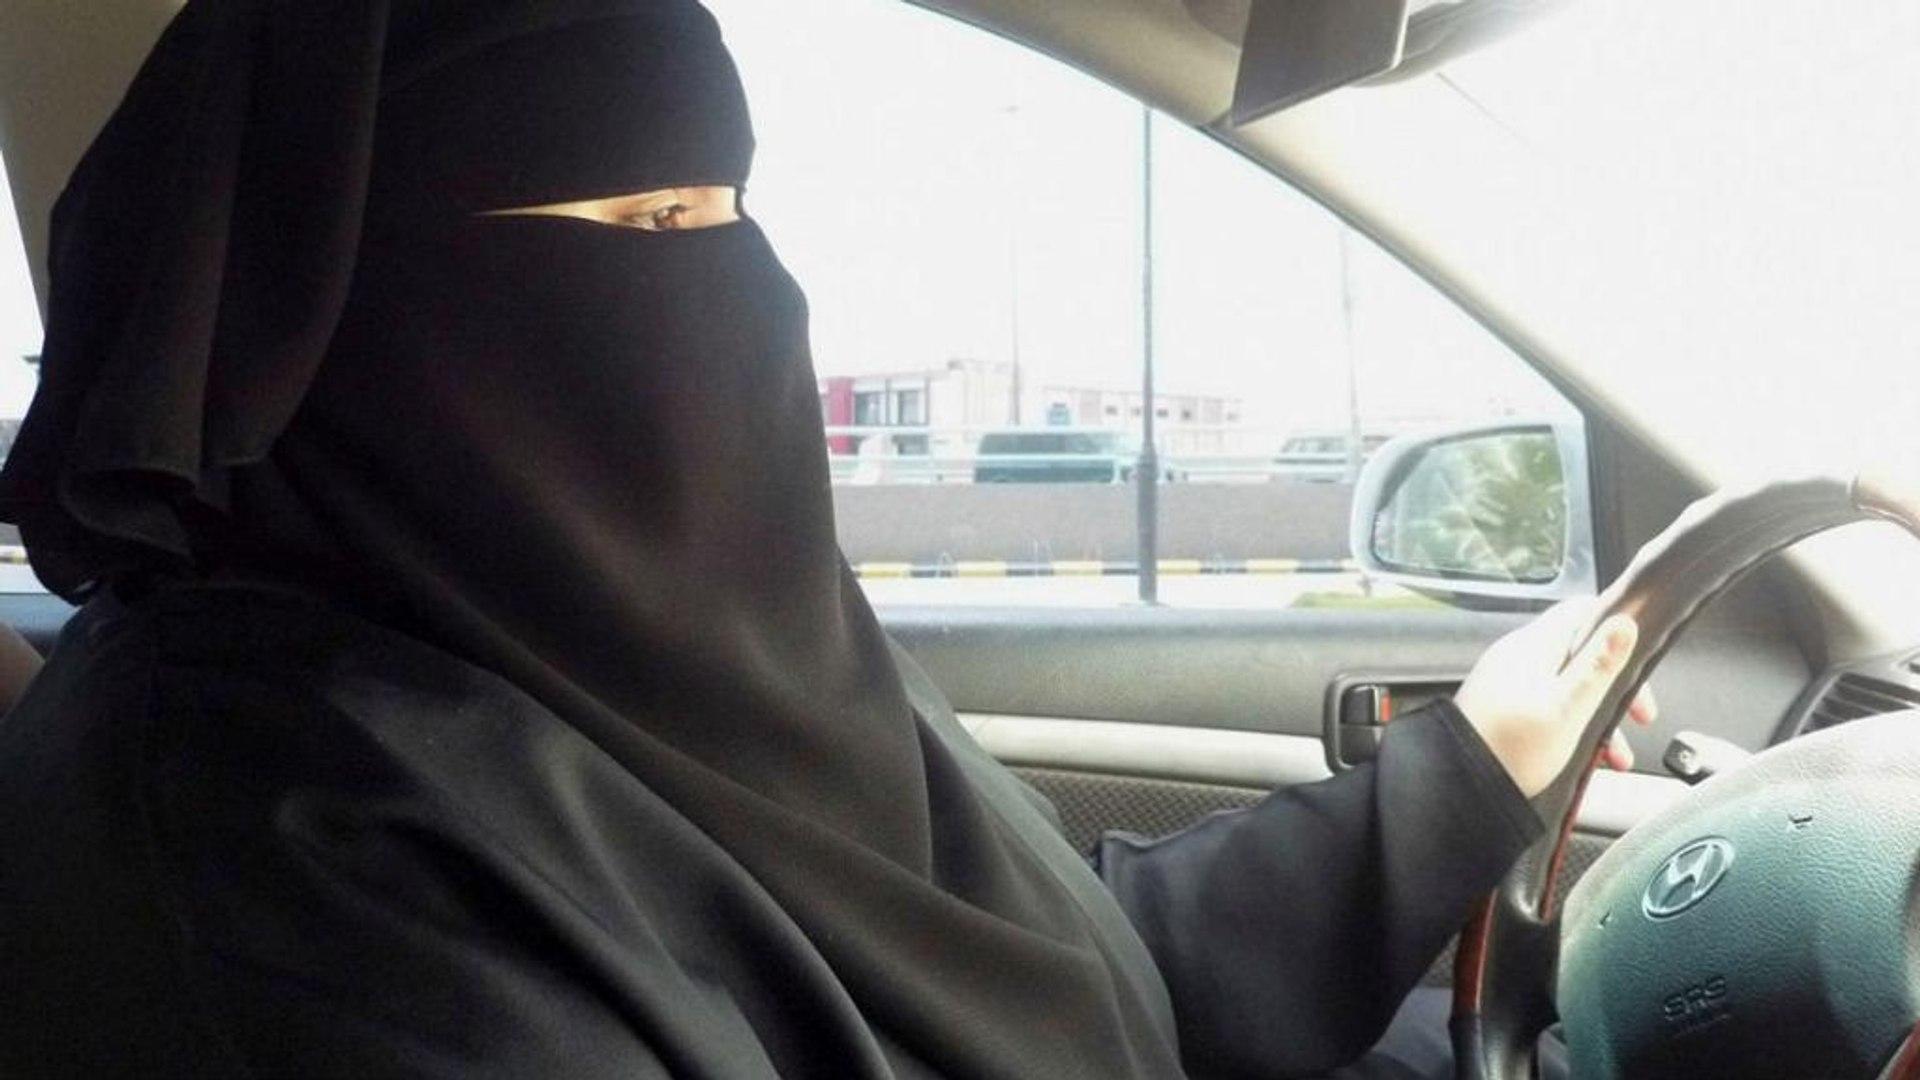 Король Саудовской Аравии разрешил женщинам водить машину - AL ARABIYA TV